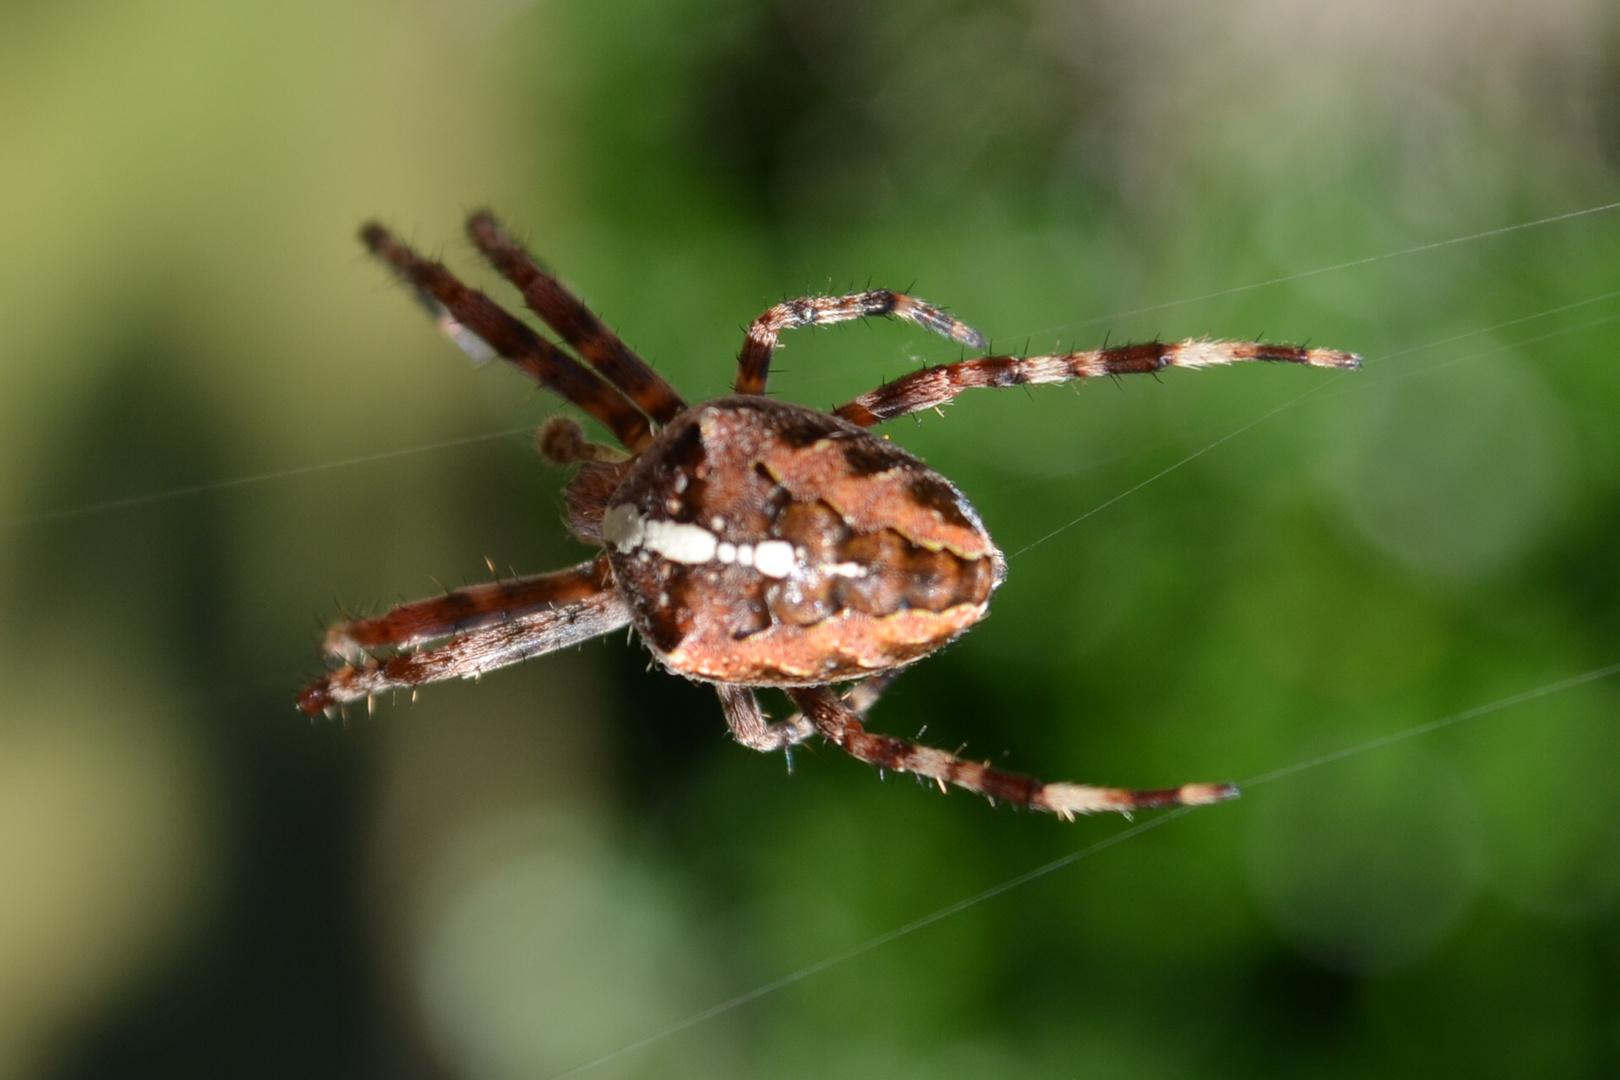 Spinne am Tag